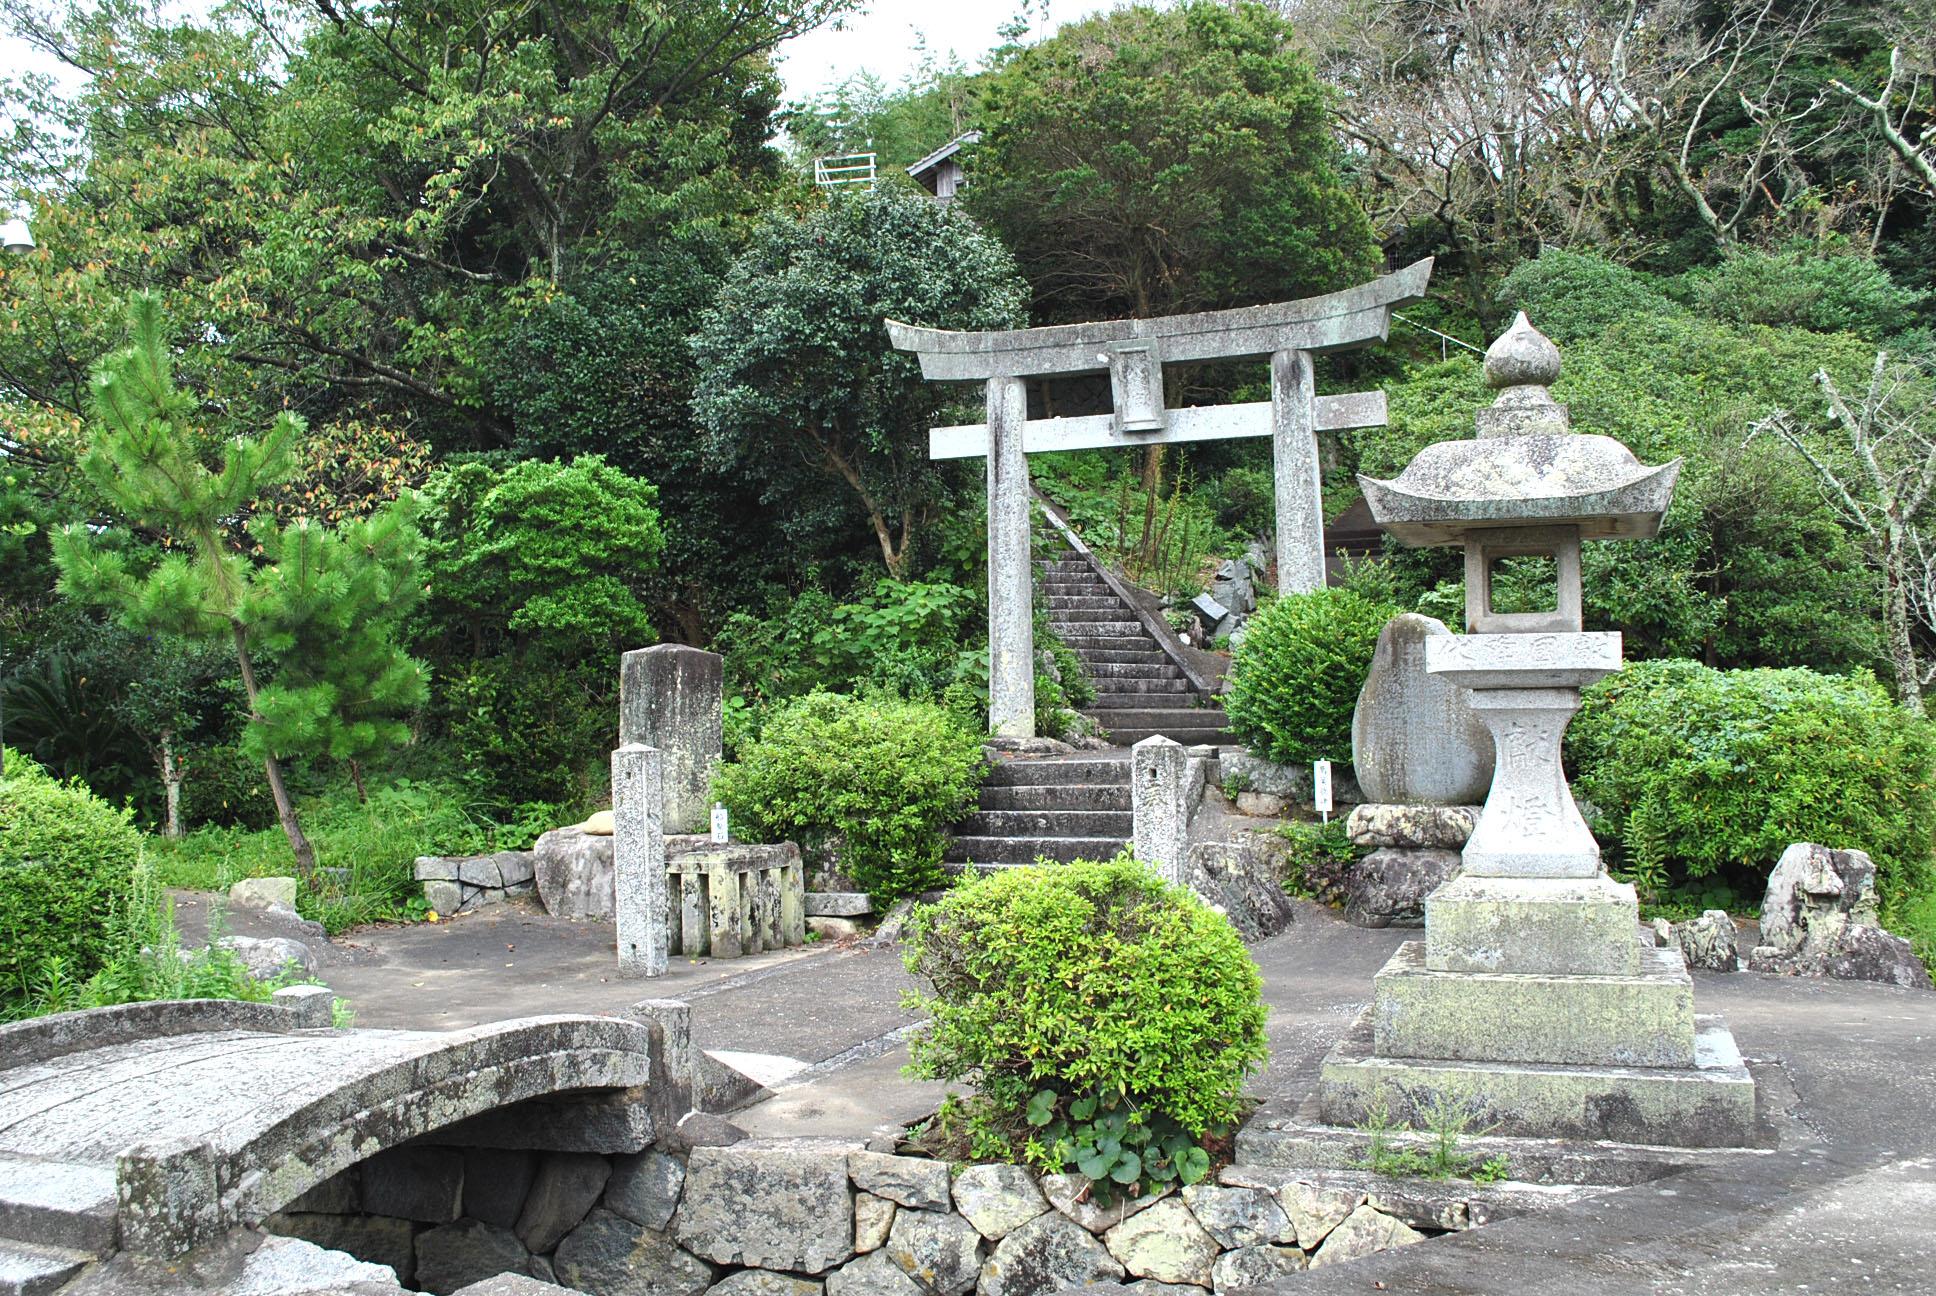 神功皇后の伝承が今に息づく、福岡県糸島市の鎮懐石八幡宮。